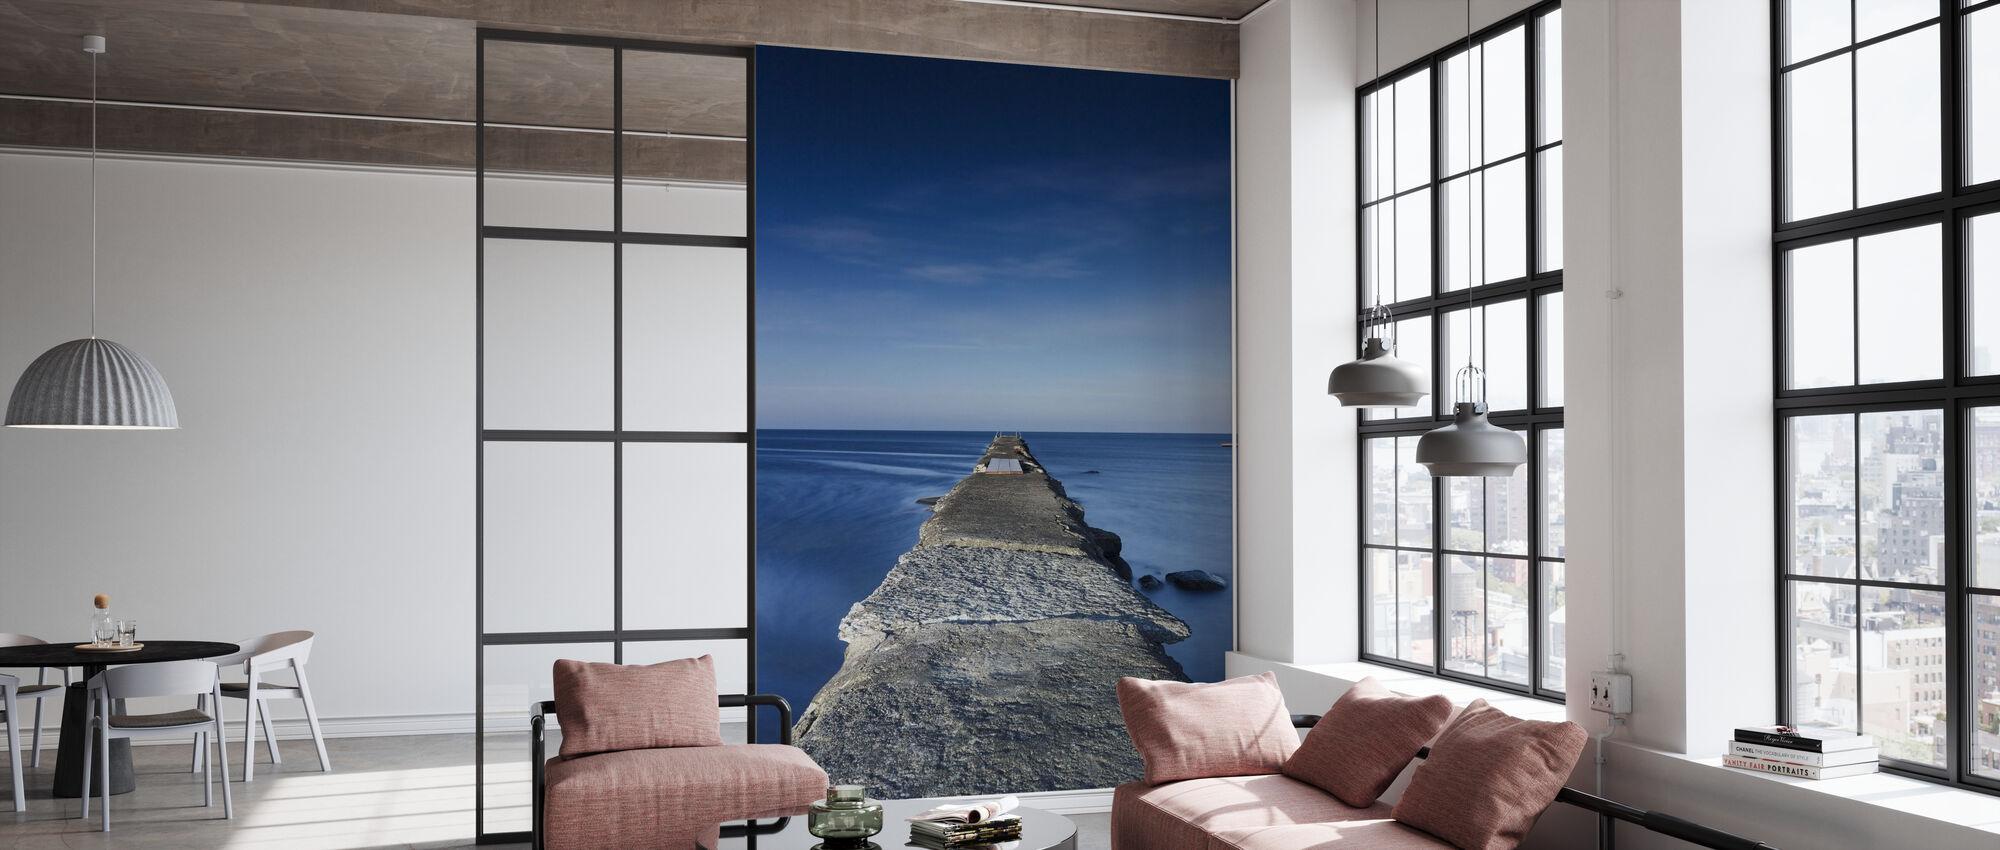 Boardwalk - Wallpaper - Office